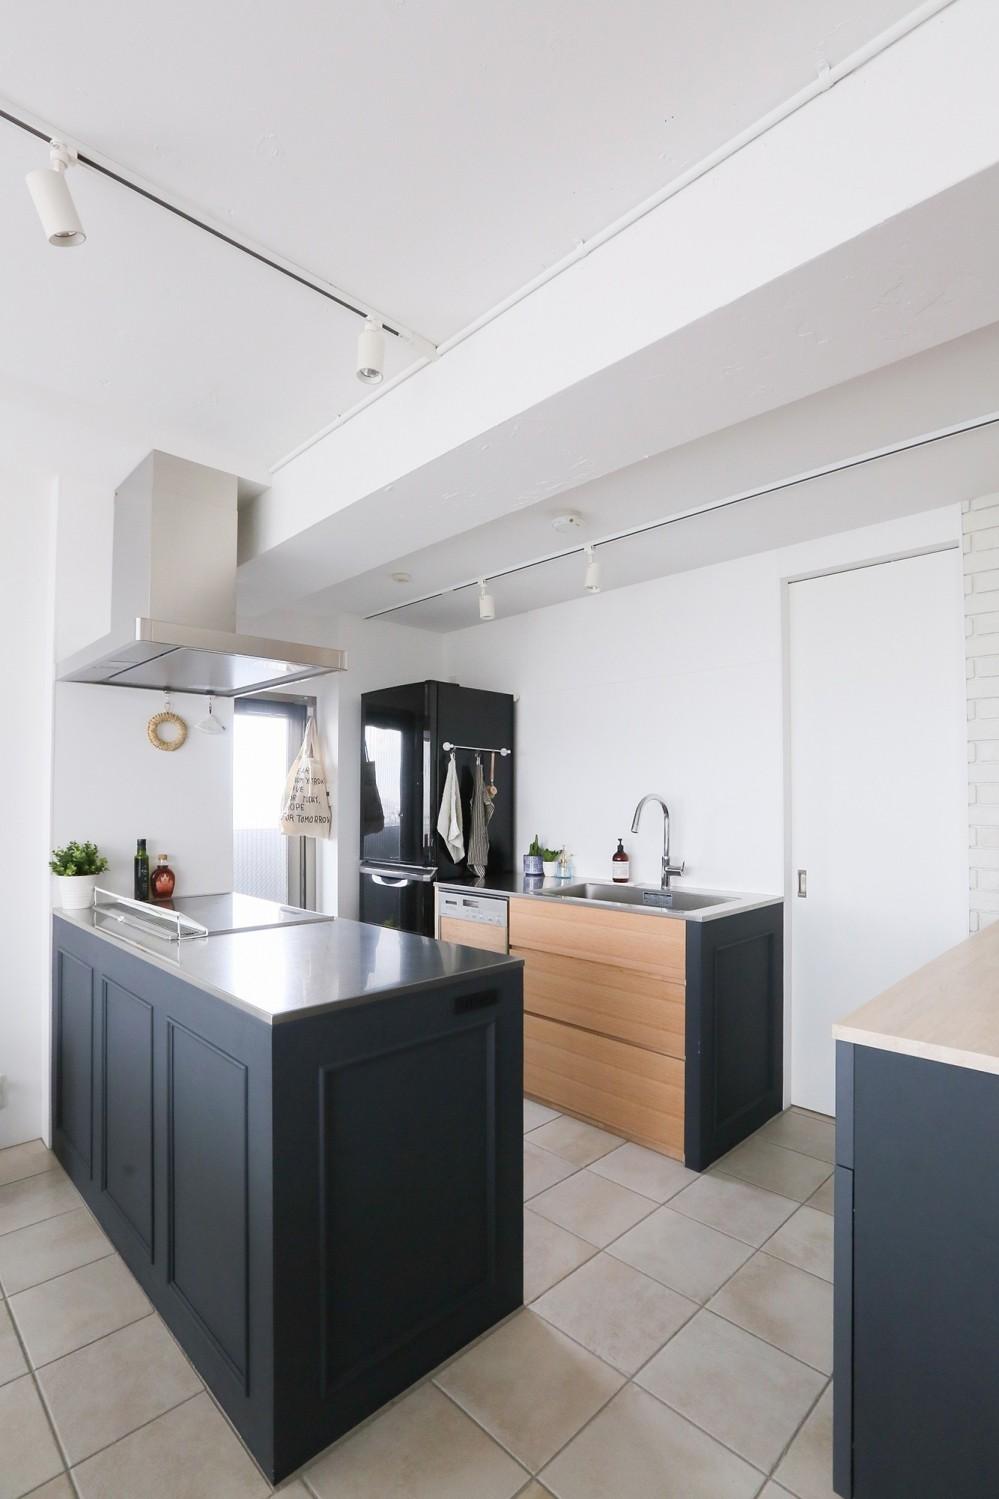 terrace~凛としたモノトーンカラーに。素材の温もりが心地よい自然光あふれる閑やかな住まい~ (キッチン)